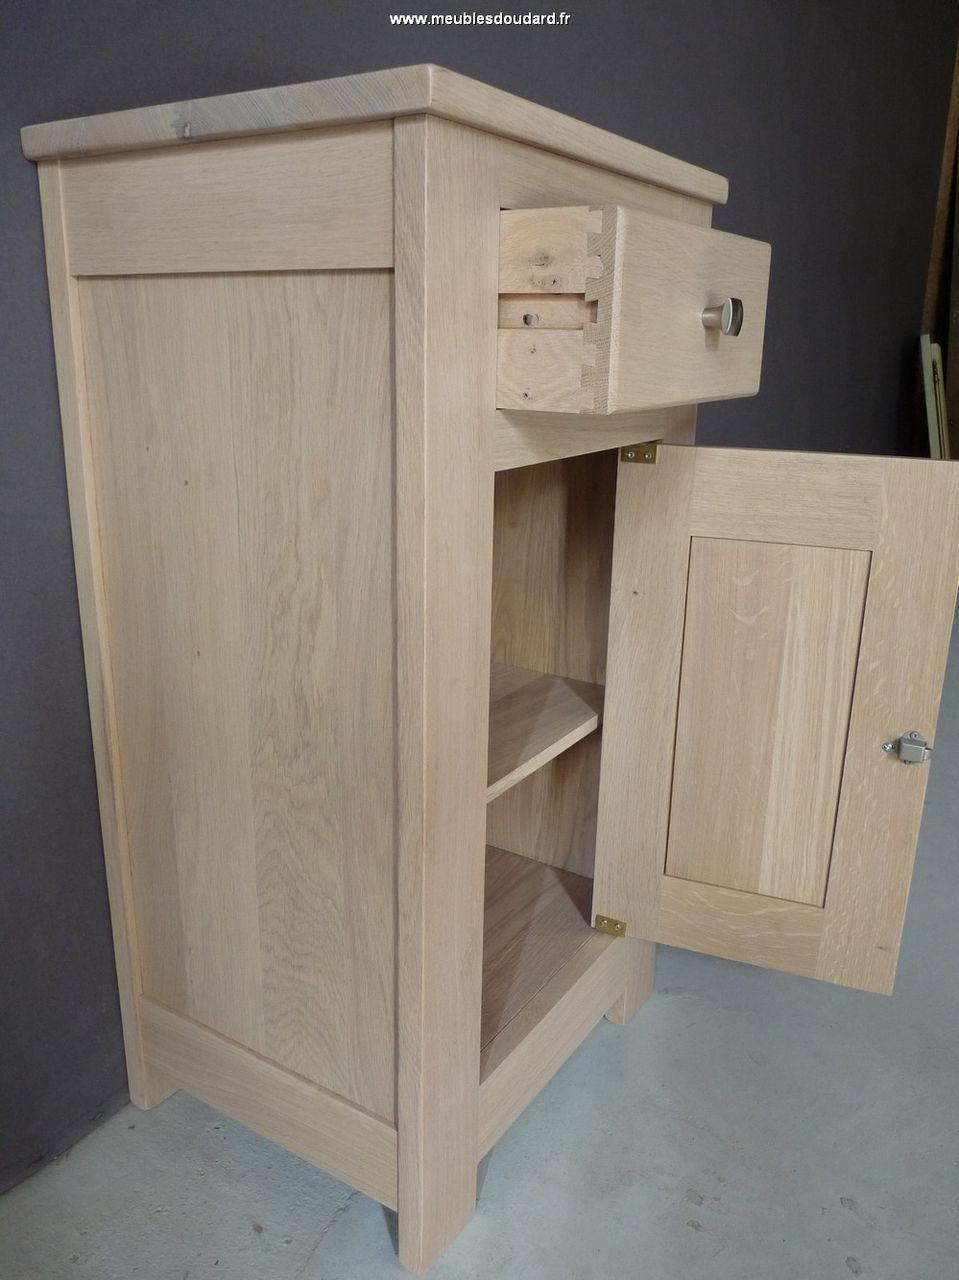 petit confiturier moderne en bois massif. Black Bedroom Furniture Sets. Home Design Ideas